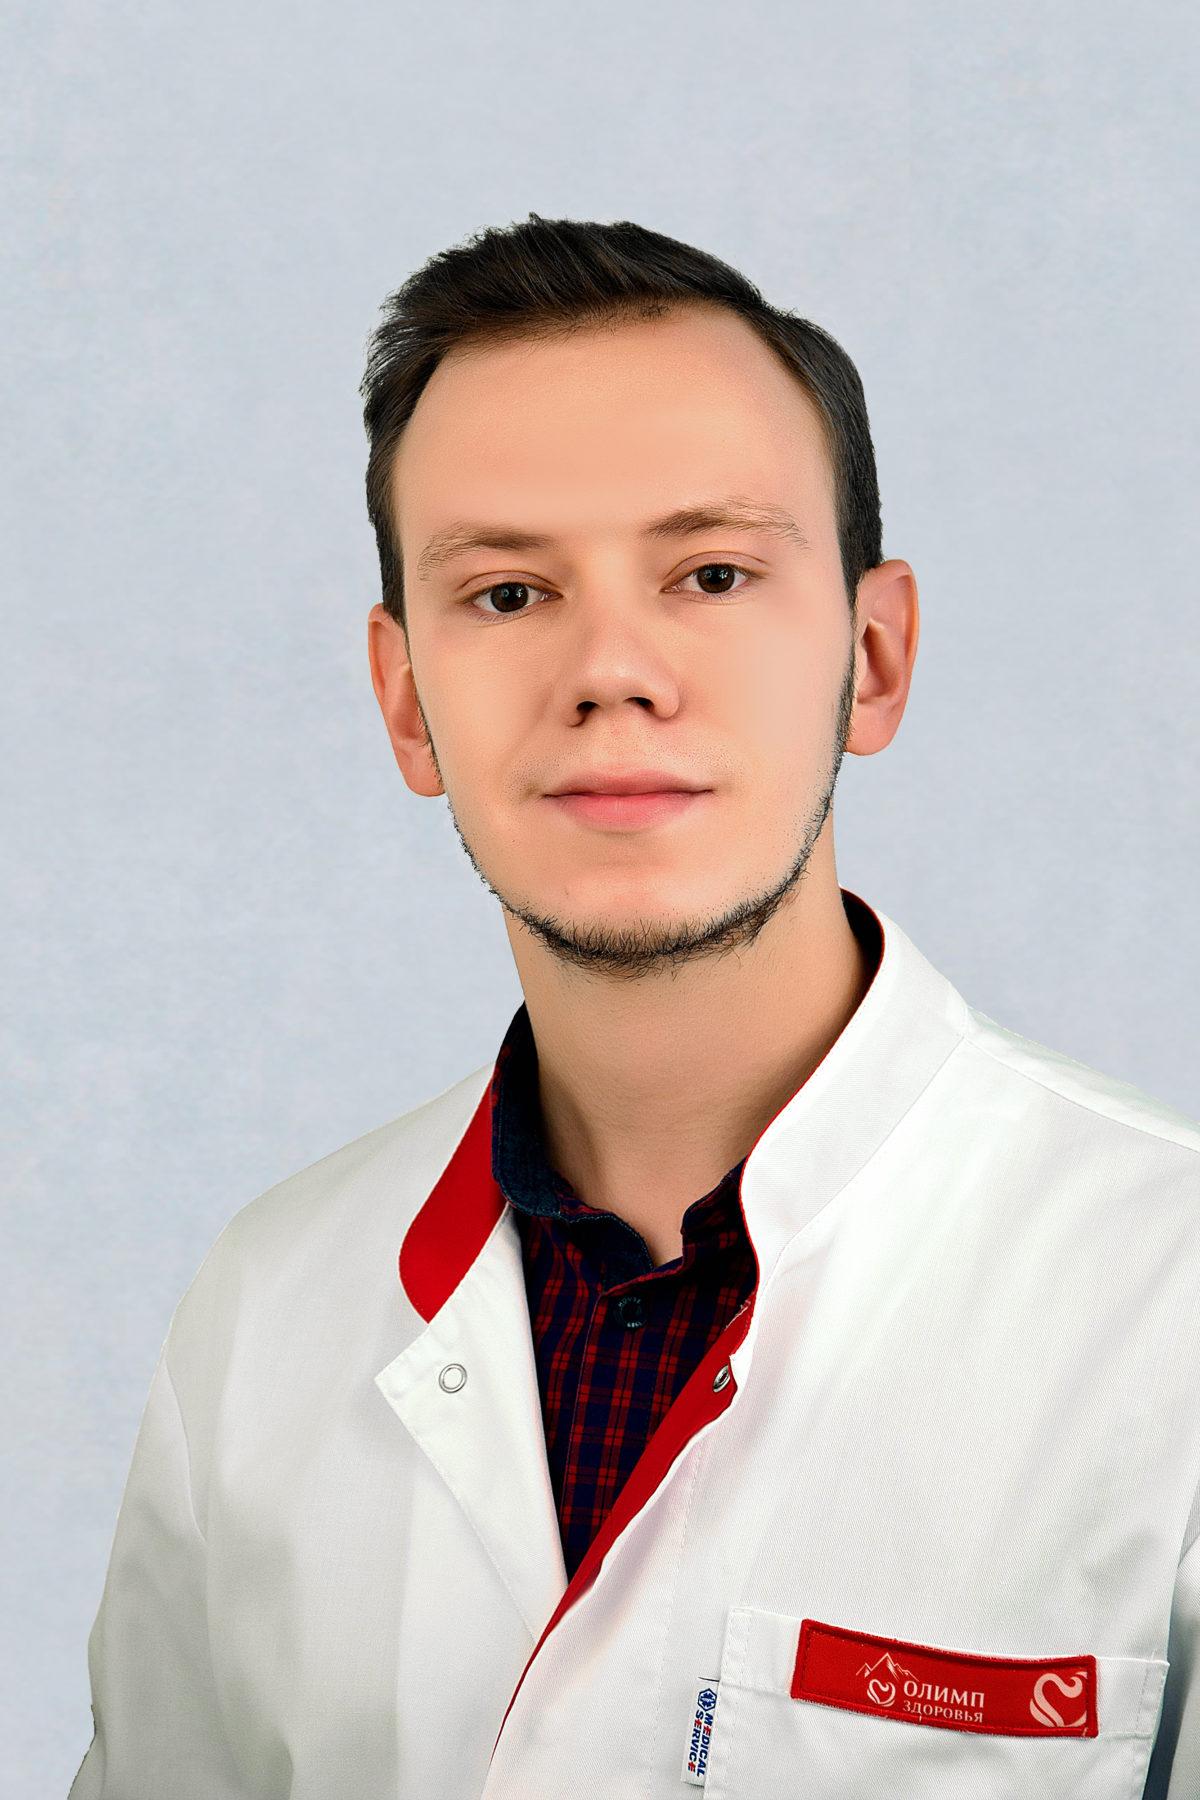 В марте врач-педиатр Суслов Евгений Вячеславович продолжает вести врачебный прием